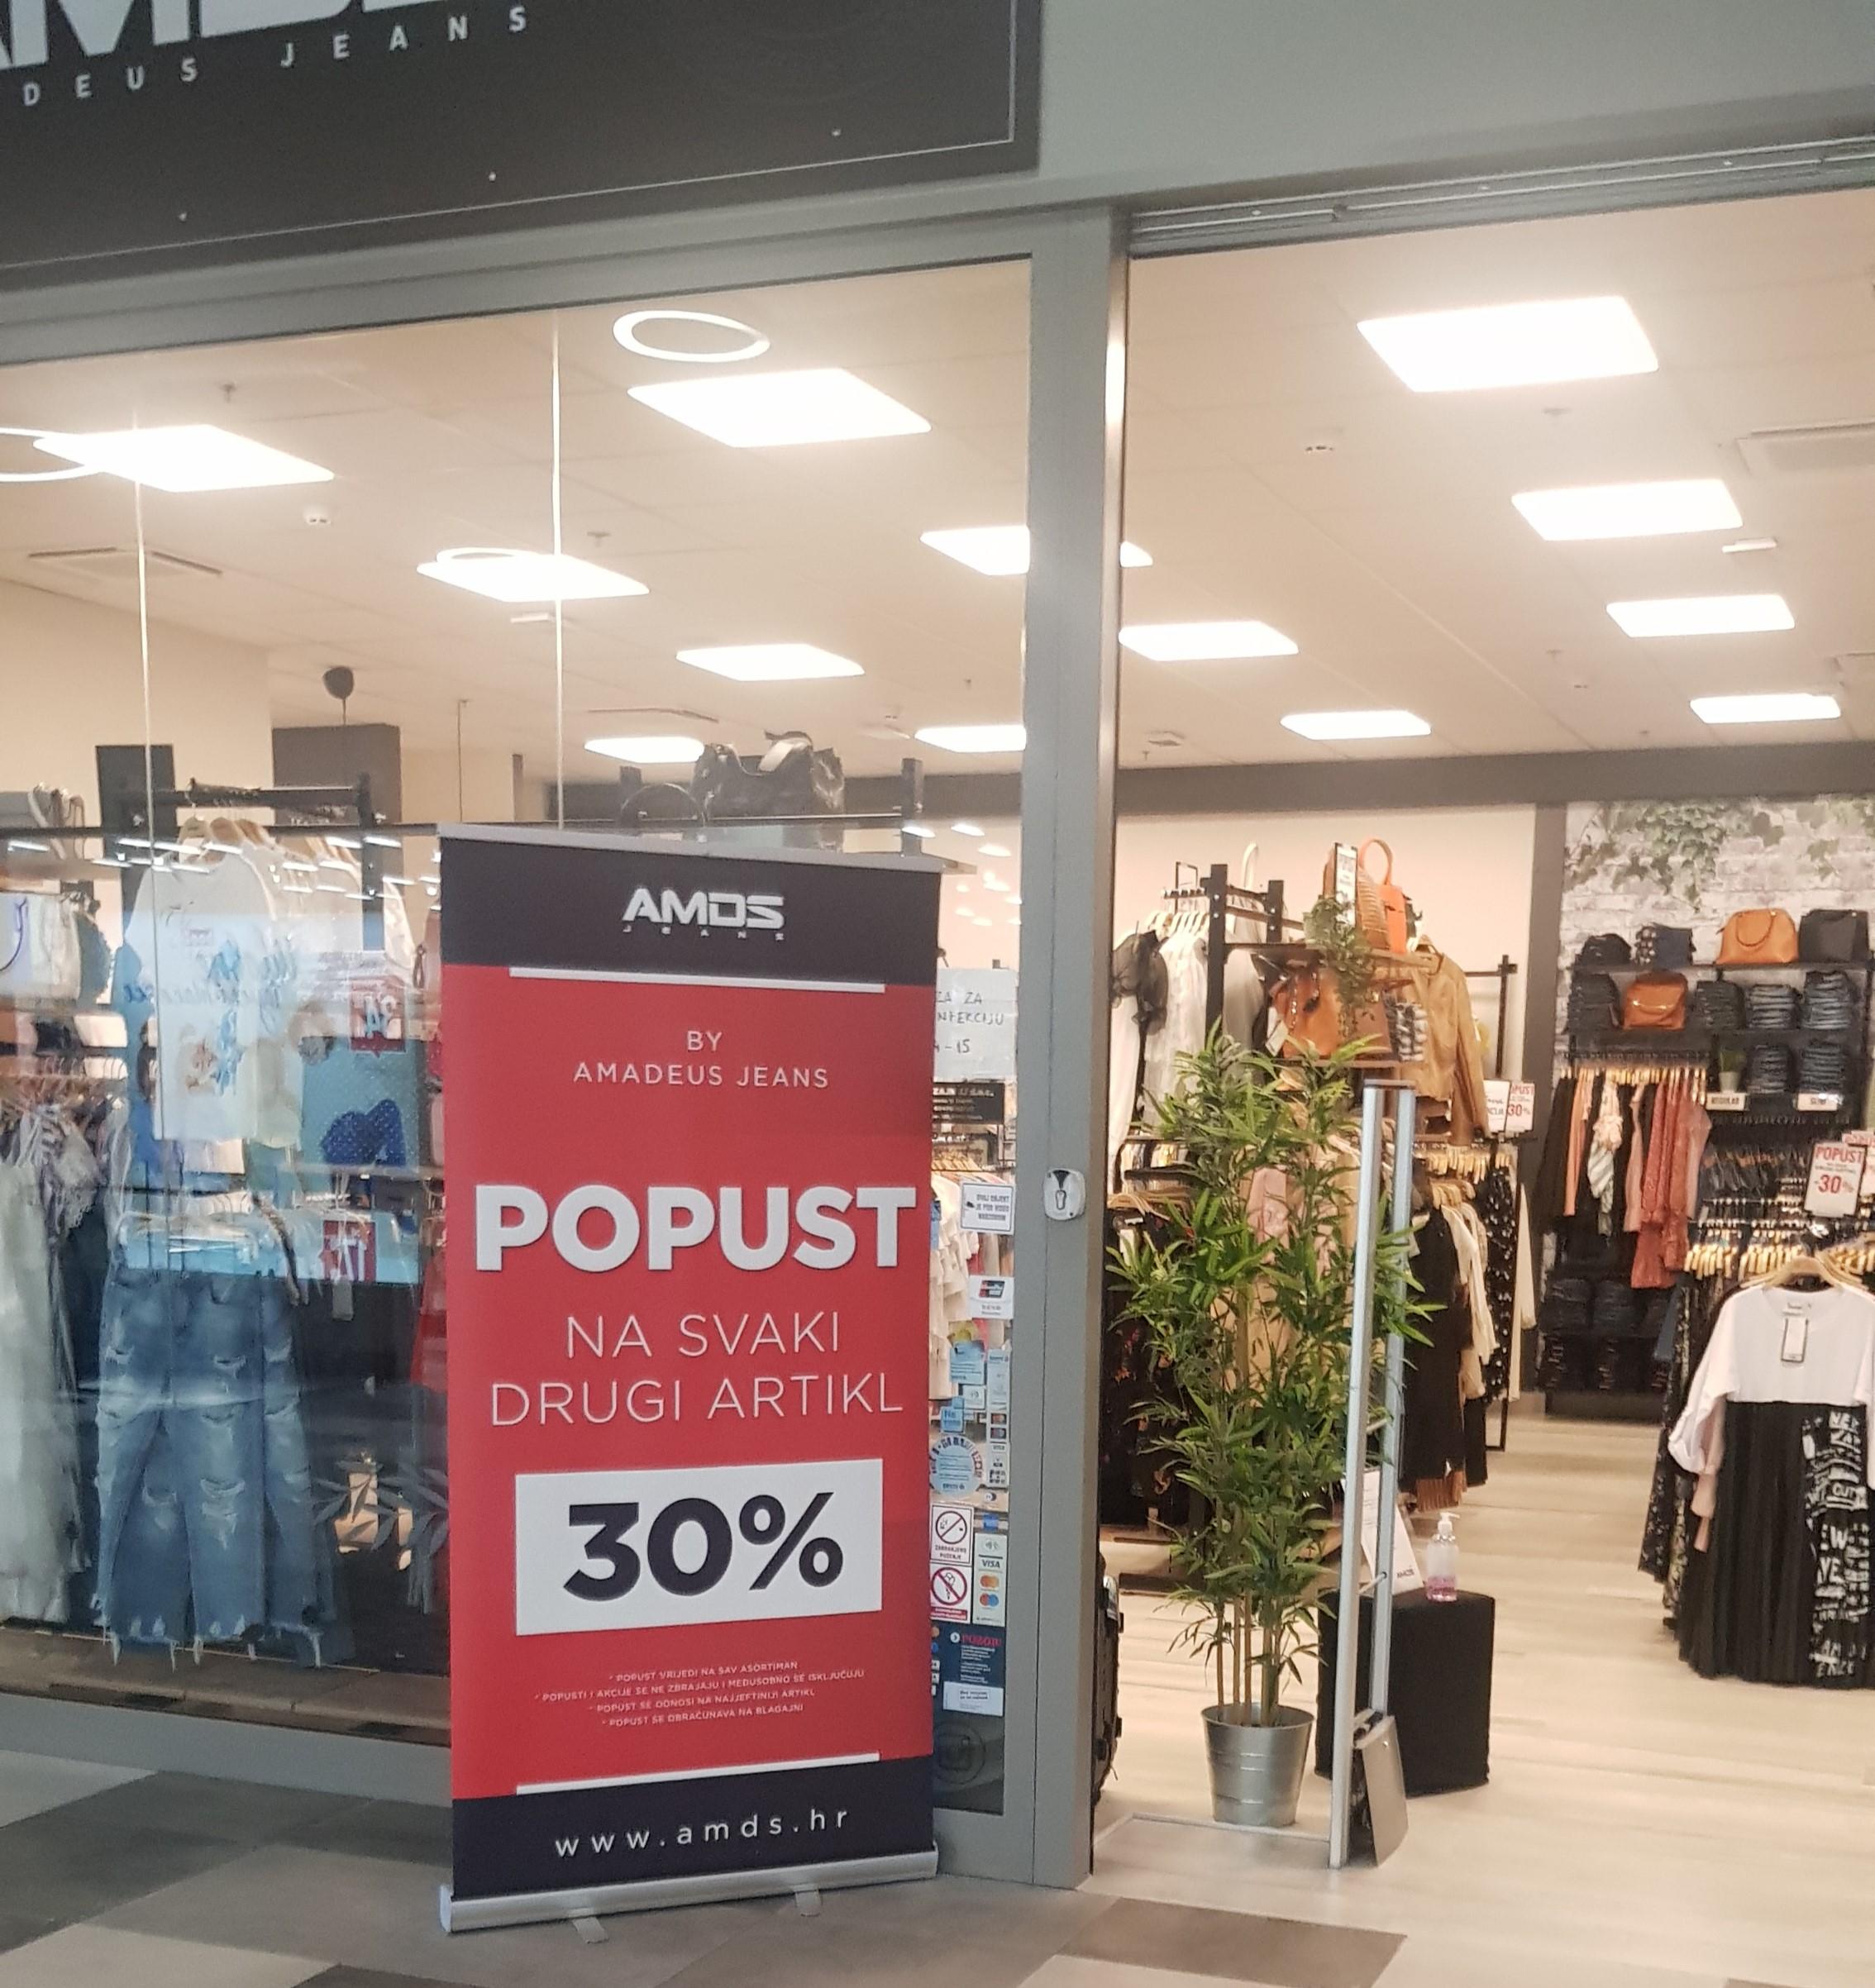 AMDS jeans popust 30% na svaki drugi artikl